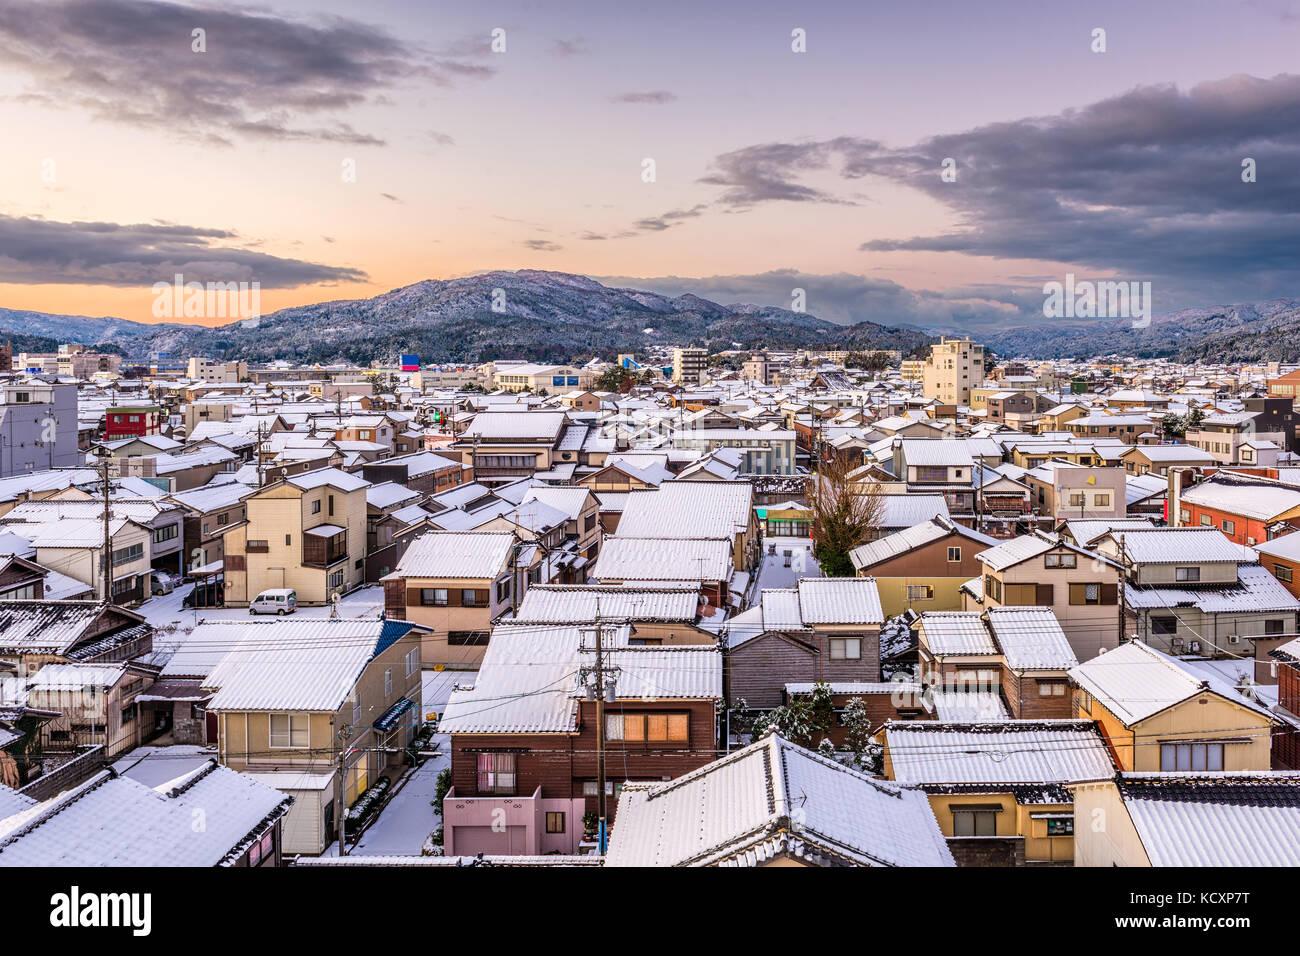 Wajima, ISHIKAWA, Giappone skyline della città in inverno. Immagini Stock